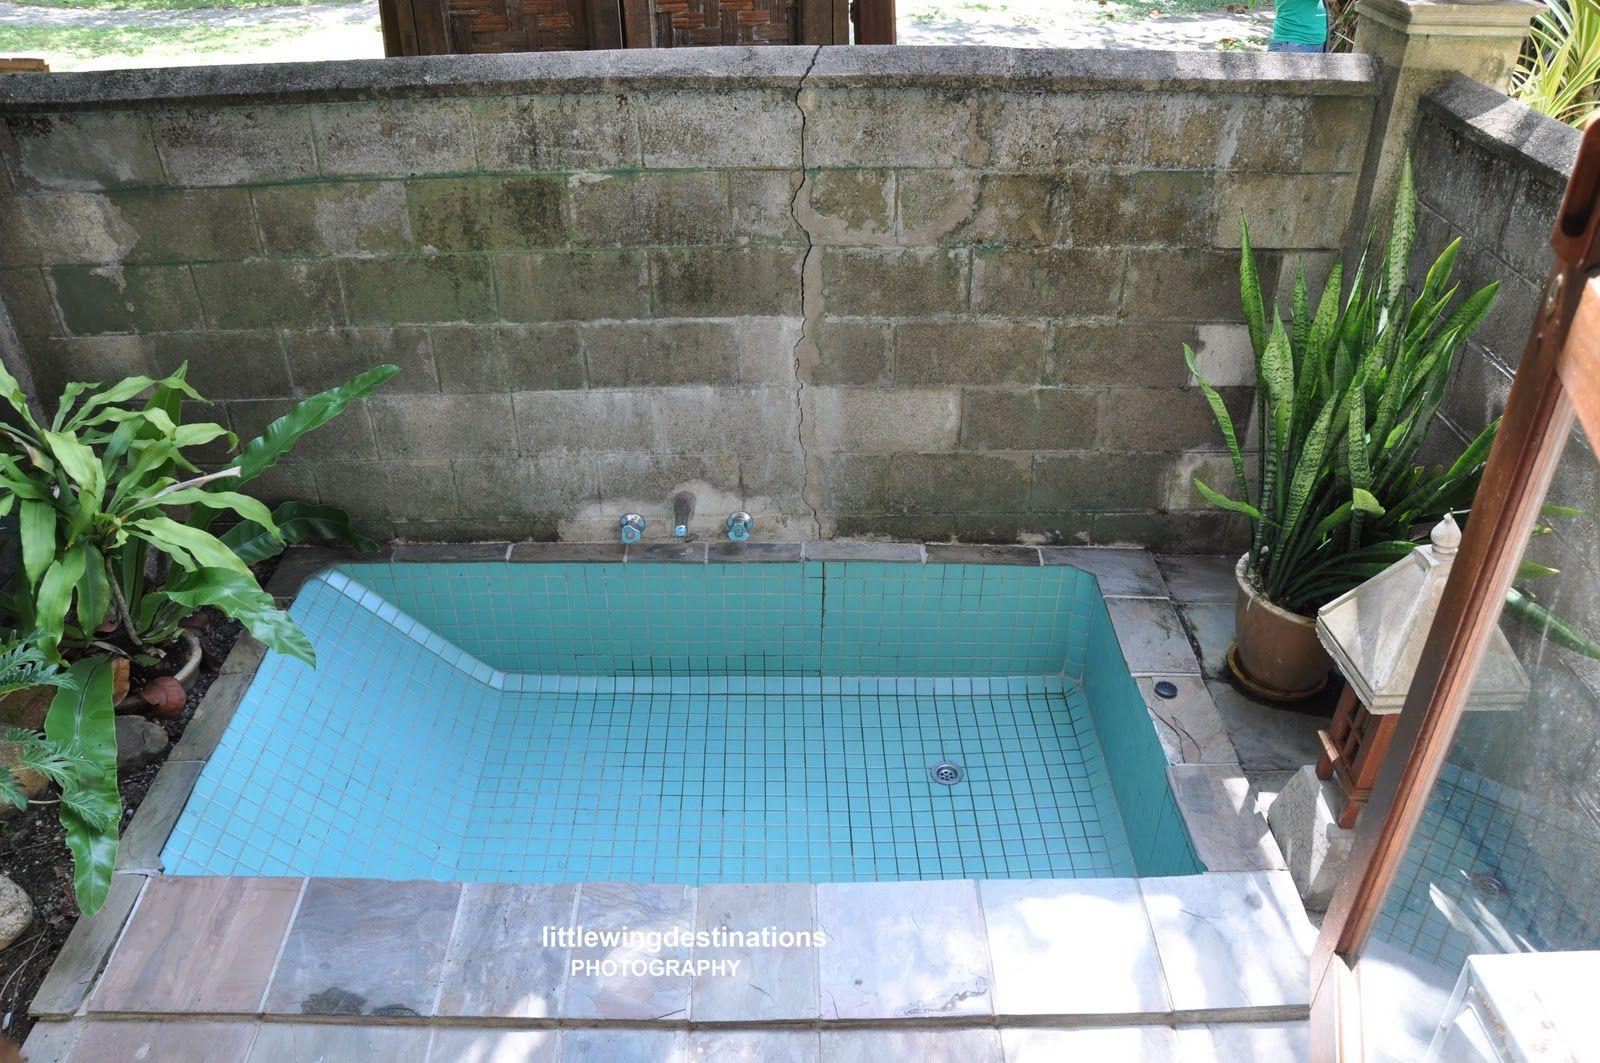 Inspiring Scheme For Impressive Outdoor Sunken Bathtub - Heated with ...